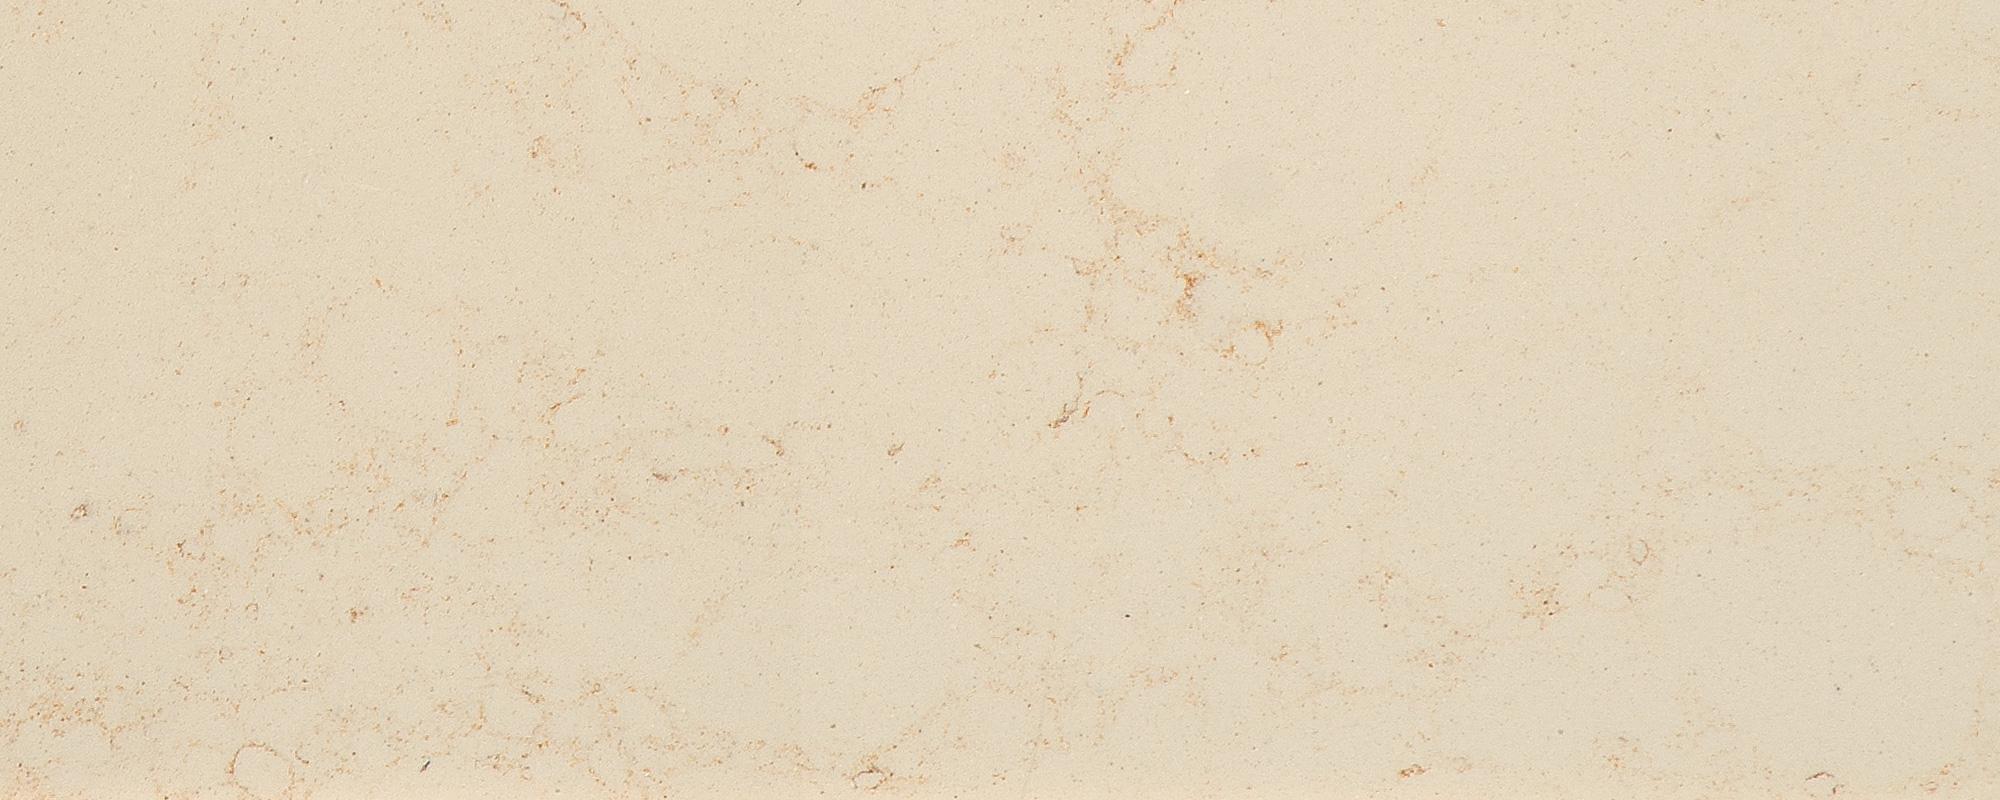 Colores de marmol mrmol blanco el municipio de macael es for De donde se extrae el marmol